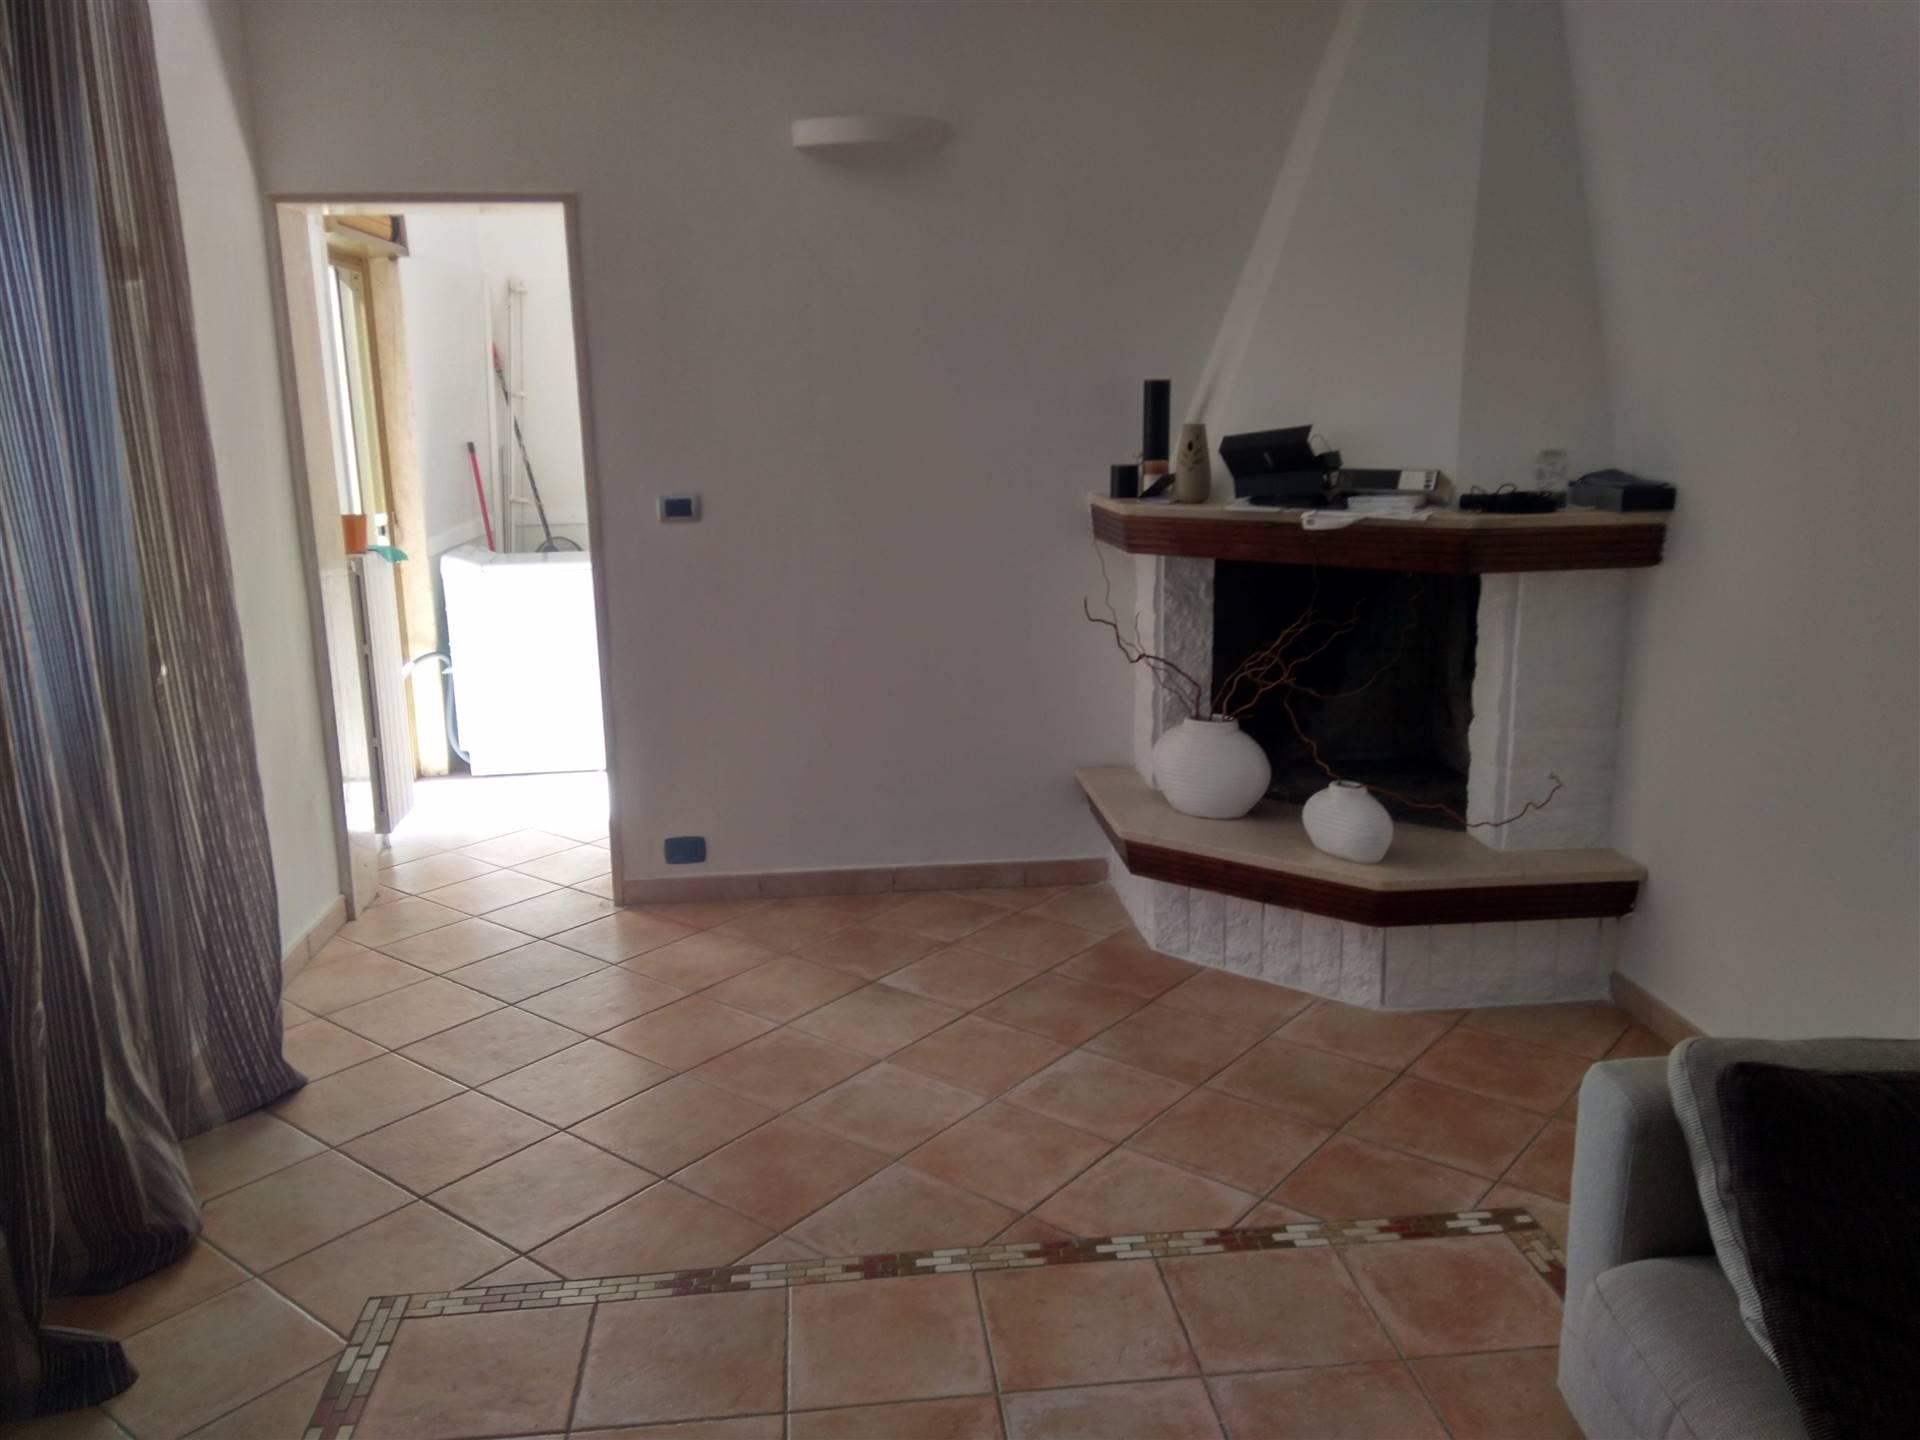 Appartamento in vendita a Brindisi, 4 locali, zona Località: SANT'ANGELO, prezzo € 105.000   PortaleAgenzieImmobiliari.it